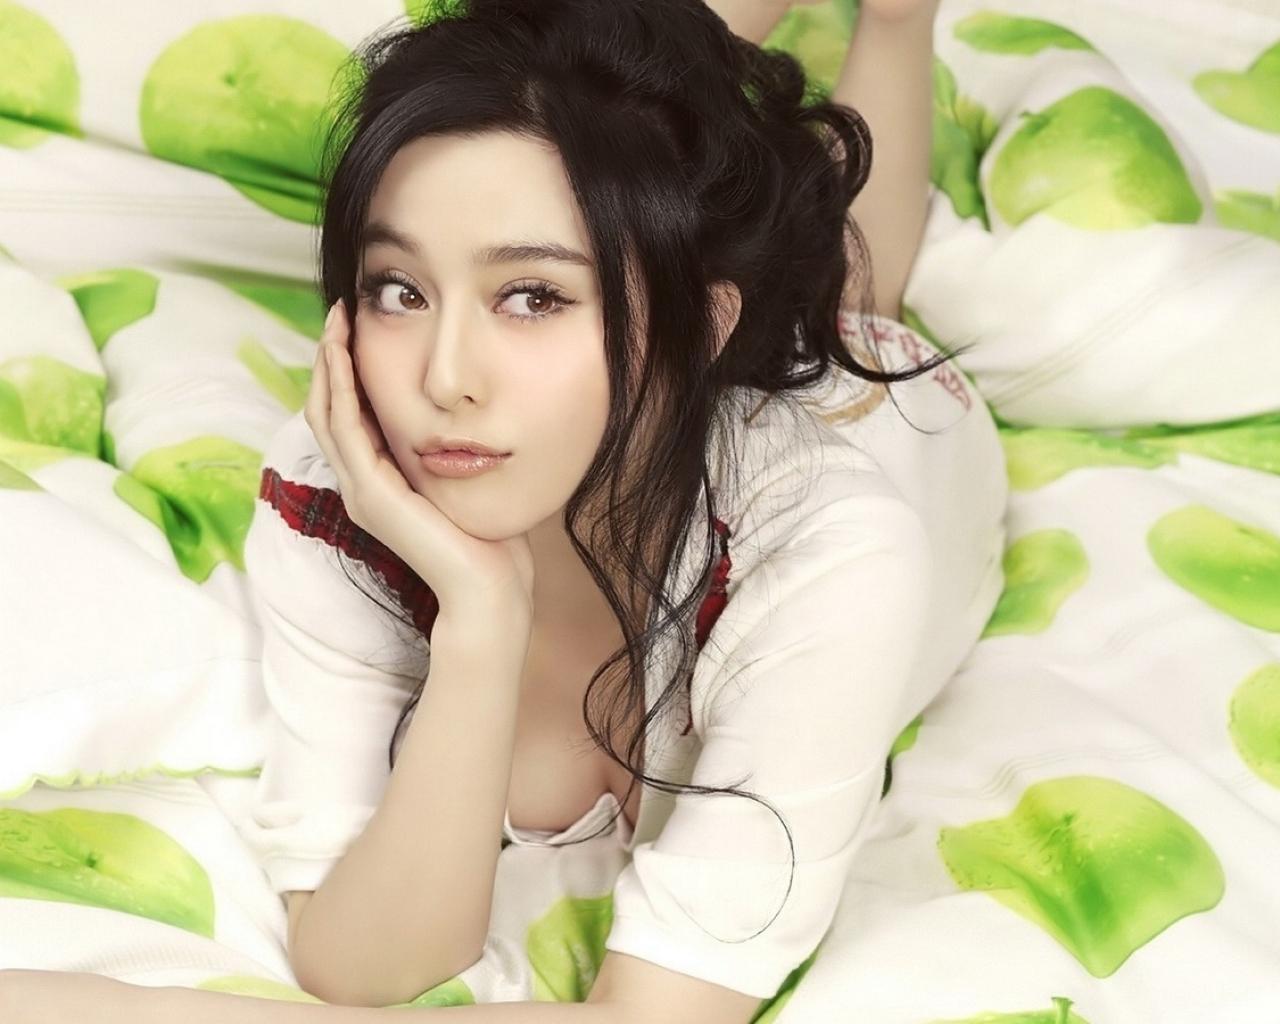 Chicas asiaticas - 1280x1024